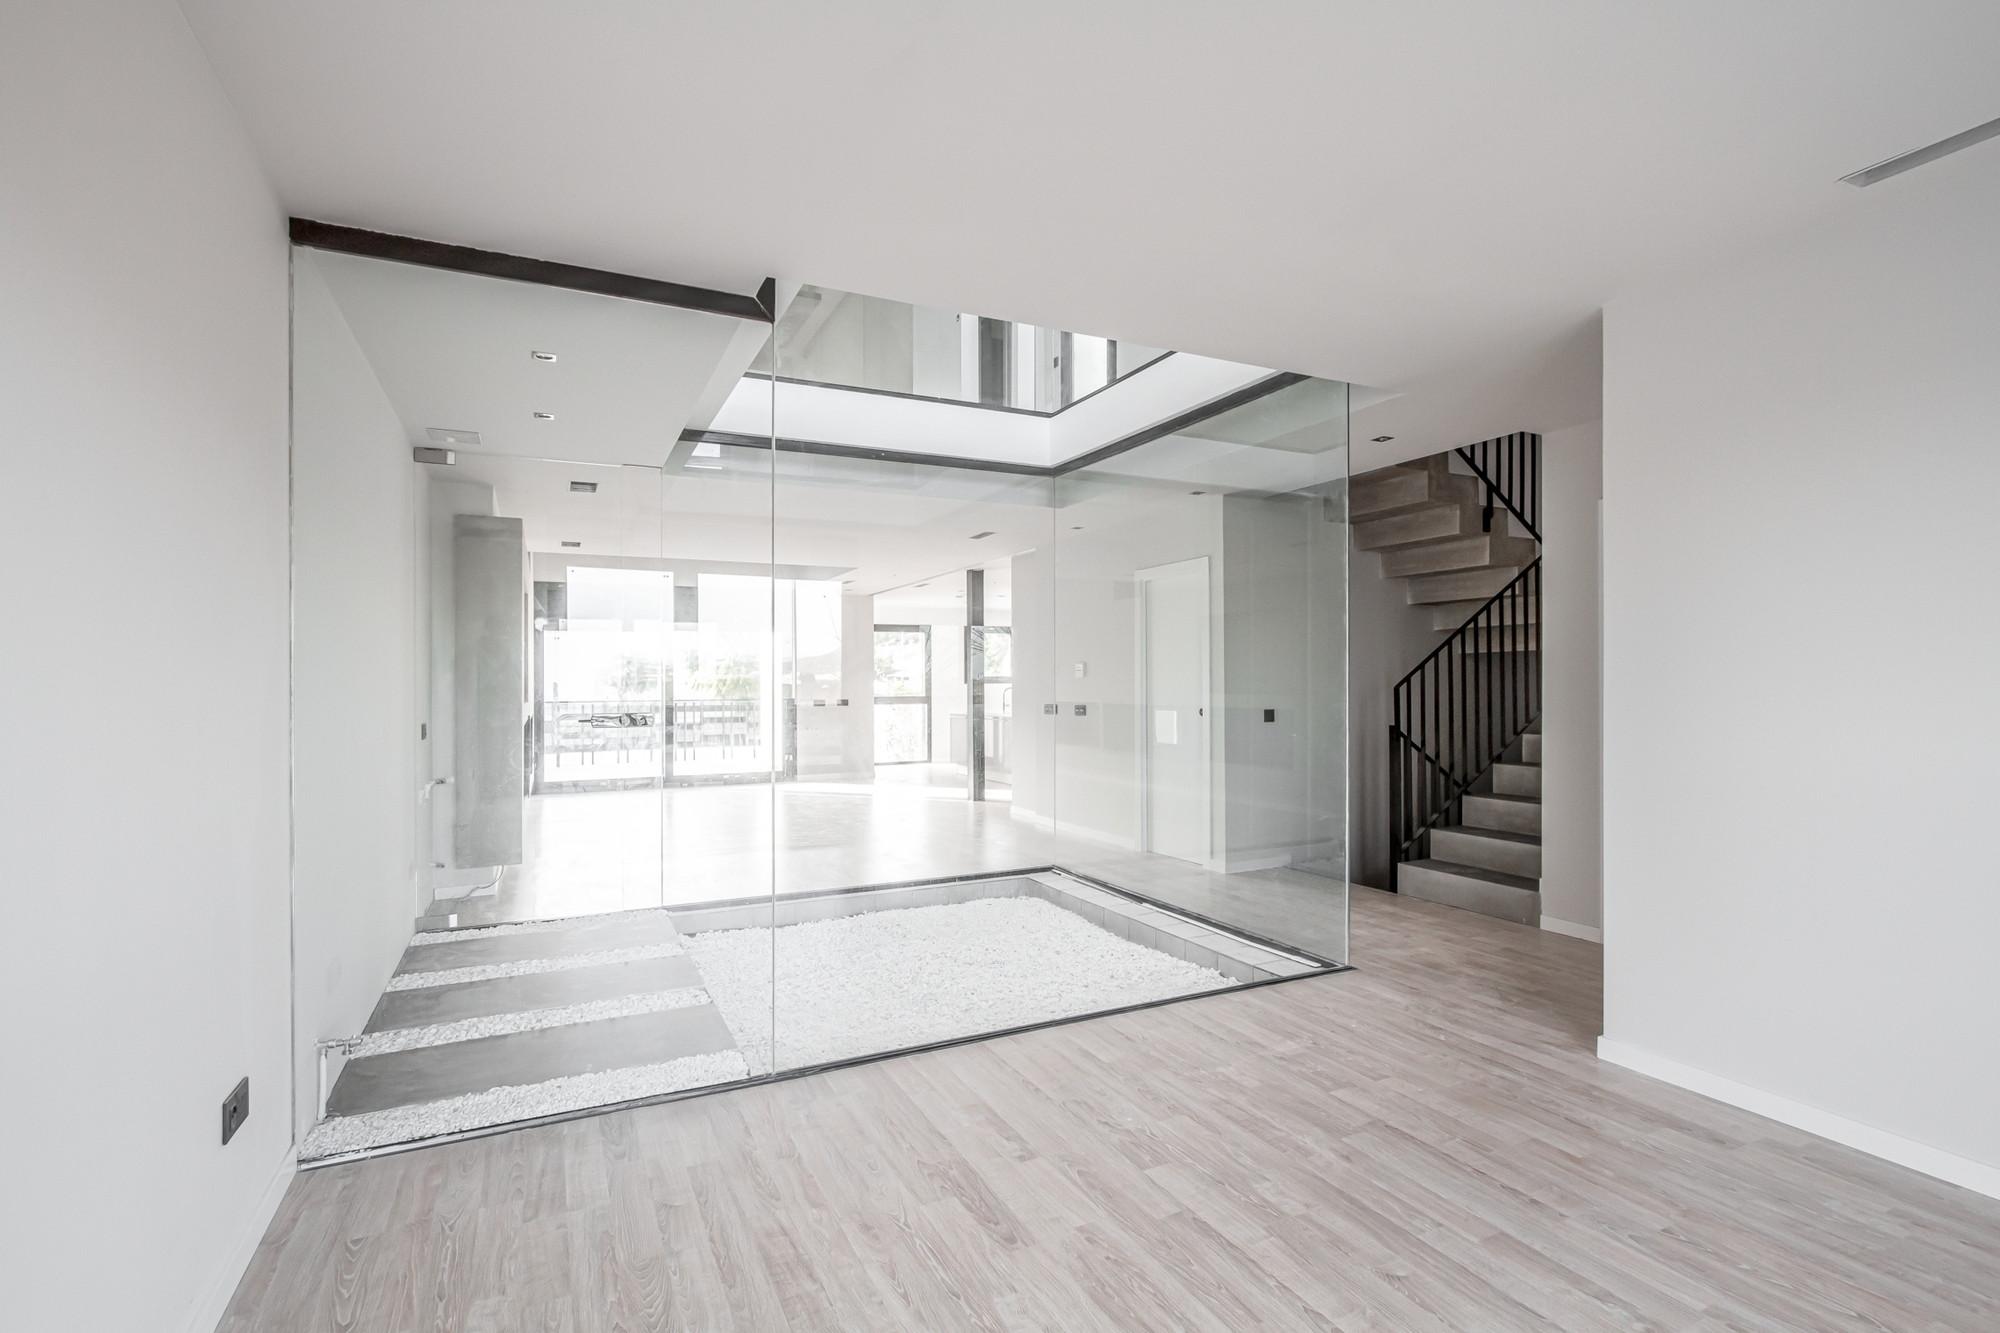 Galer\u00eda de Luz Interior, vivienda unifamiliar entre medianeras / Viraje arquitectura / - 18